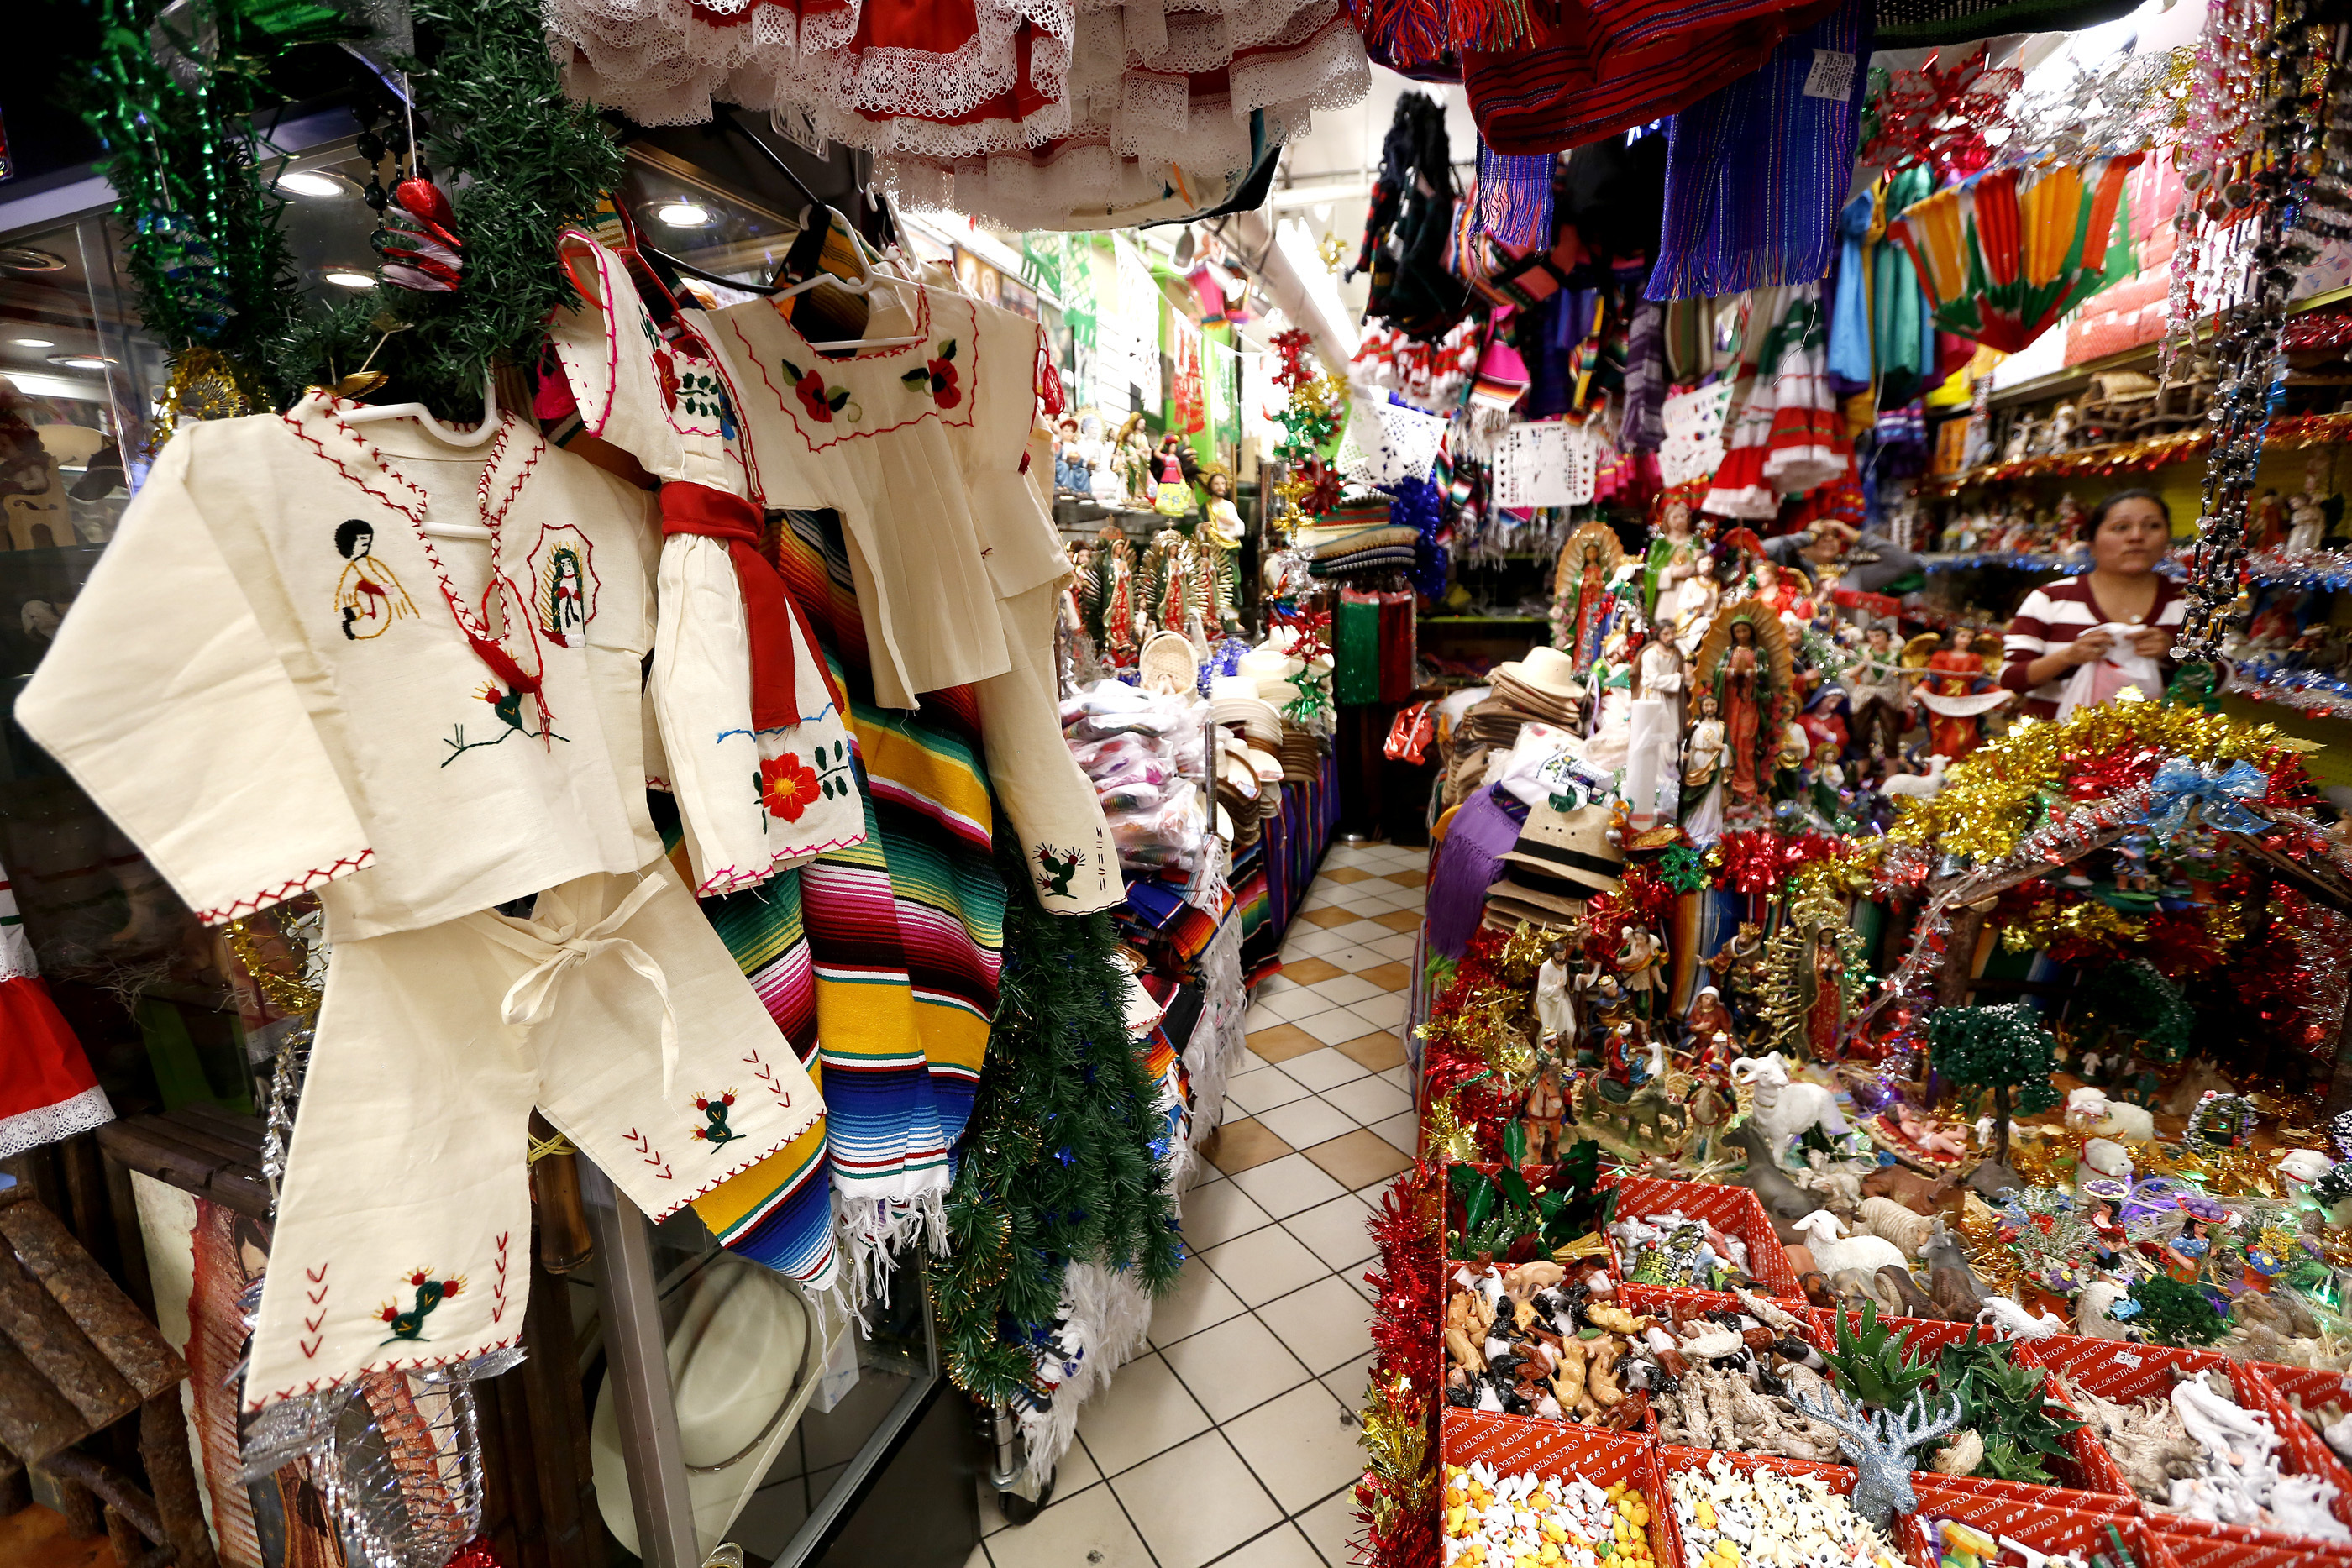 Latinos católicos de todo el sur de California acuden a esta tienda a comprar trajes hechos a mano,  imágenes de la Virgen y libros de cantos (Foto: Aurelia Ventura/La Opinión)